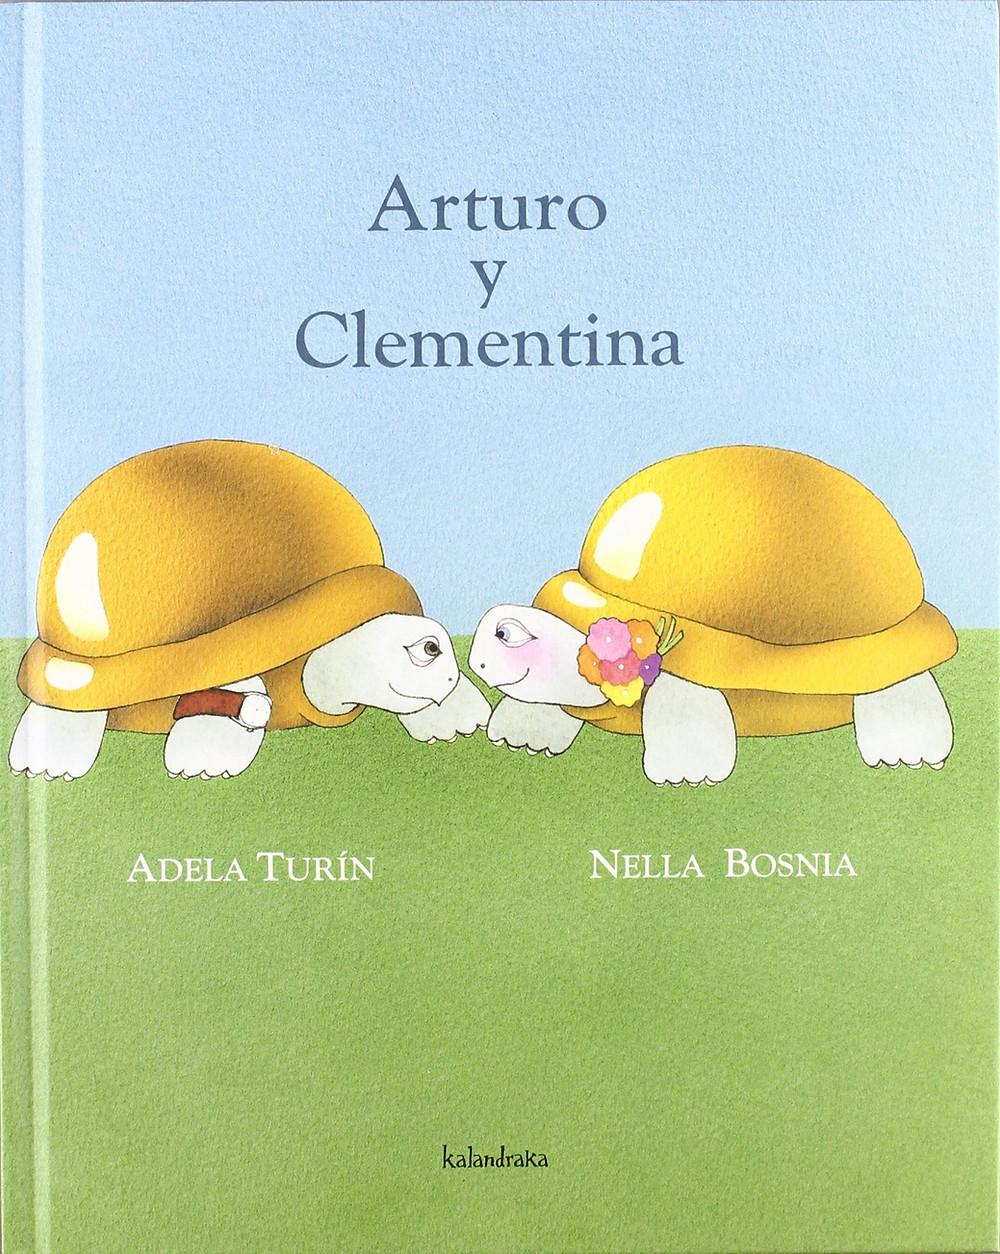 Arturo y Clementina (libros para soñar), kalandraka, igualdad